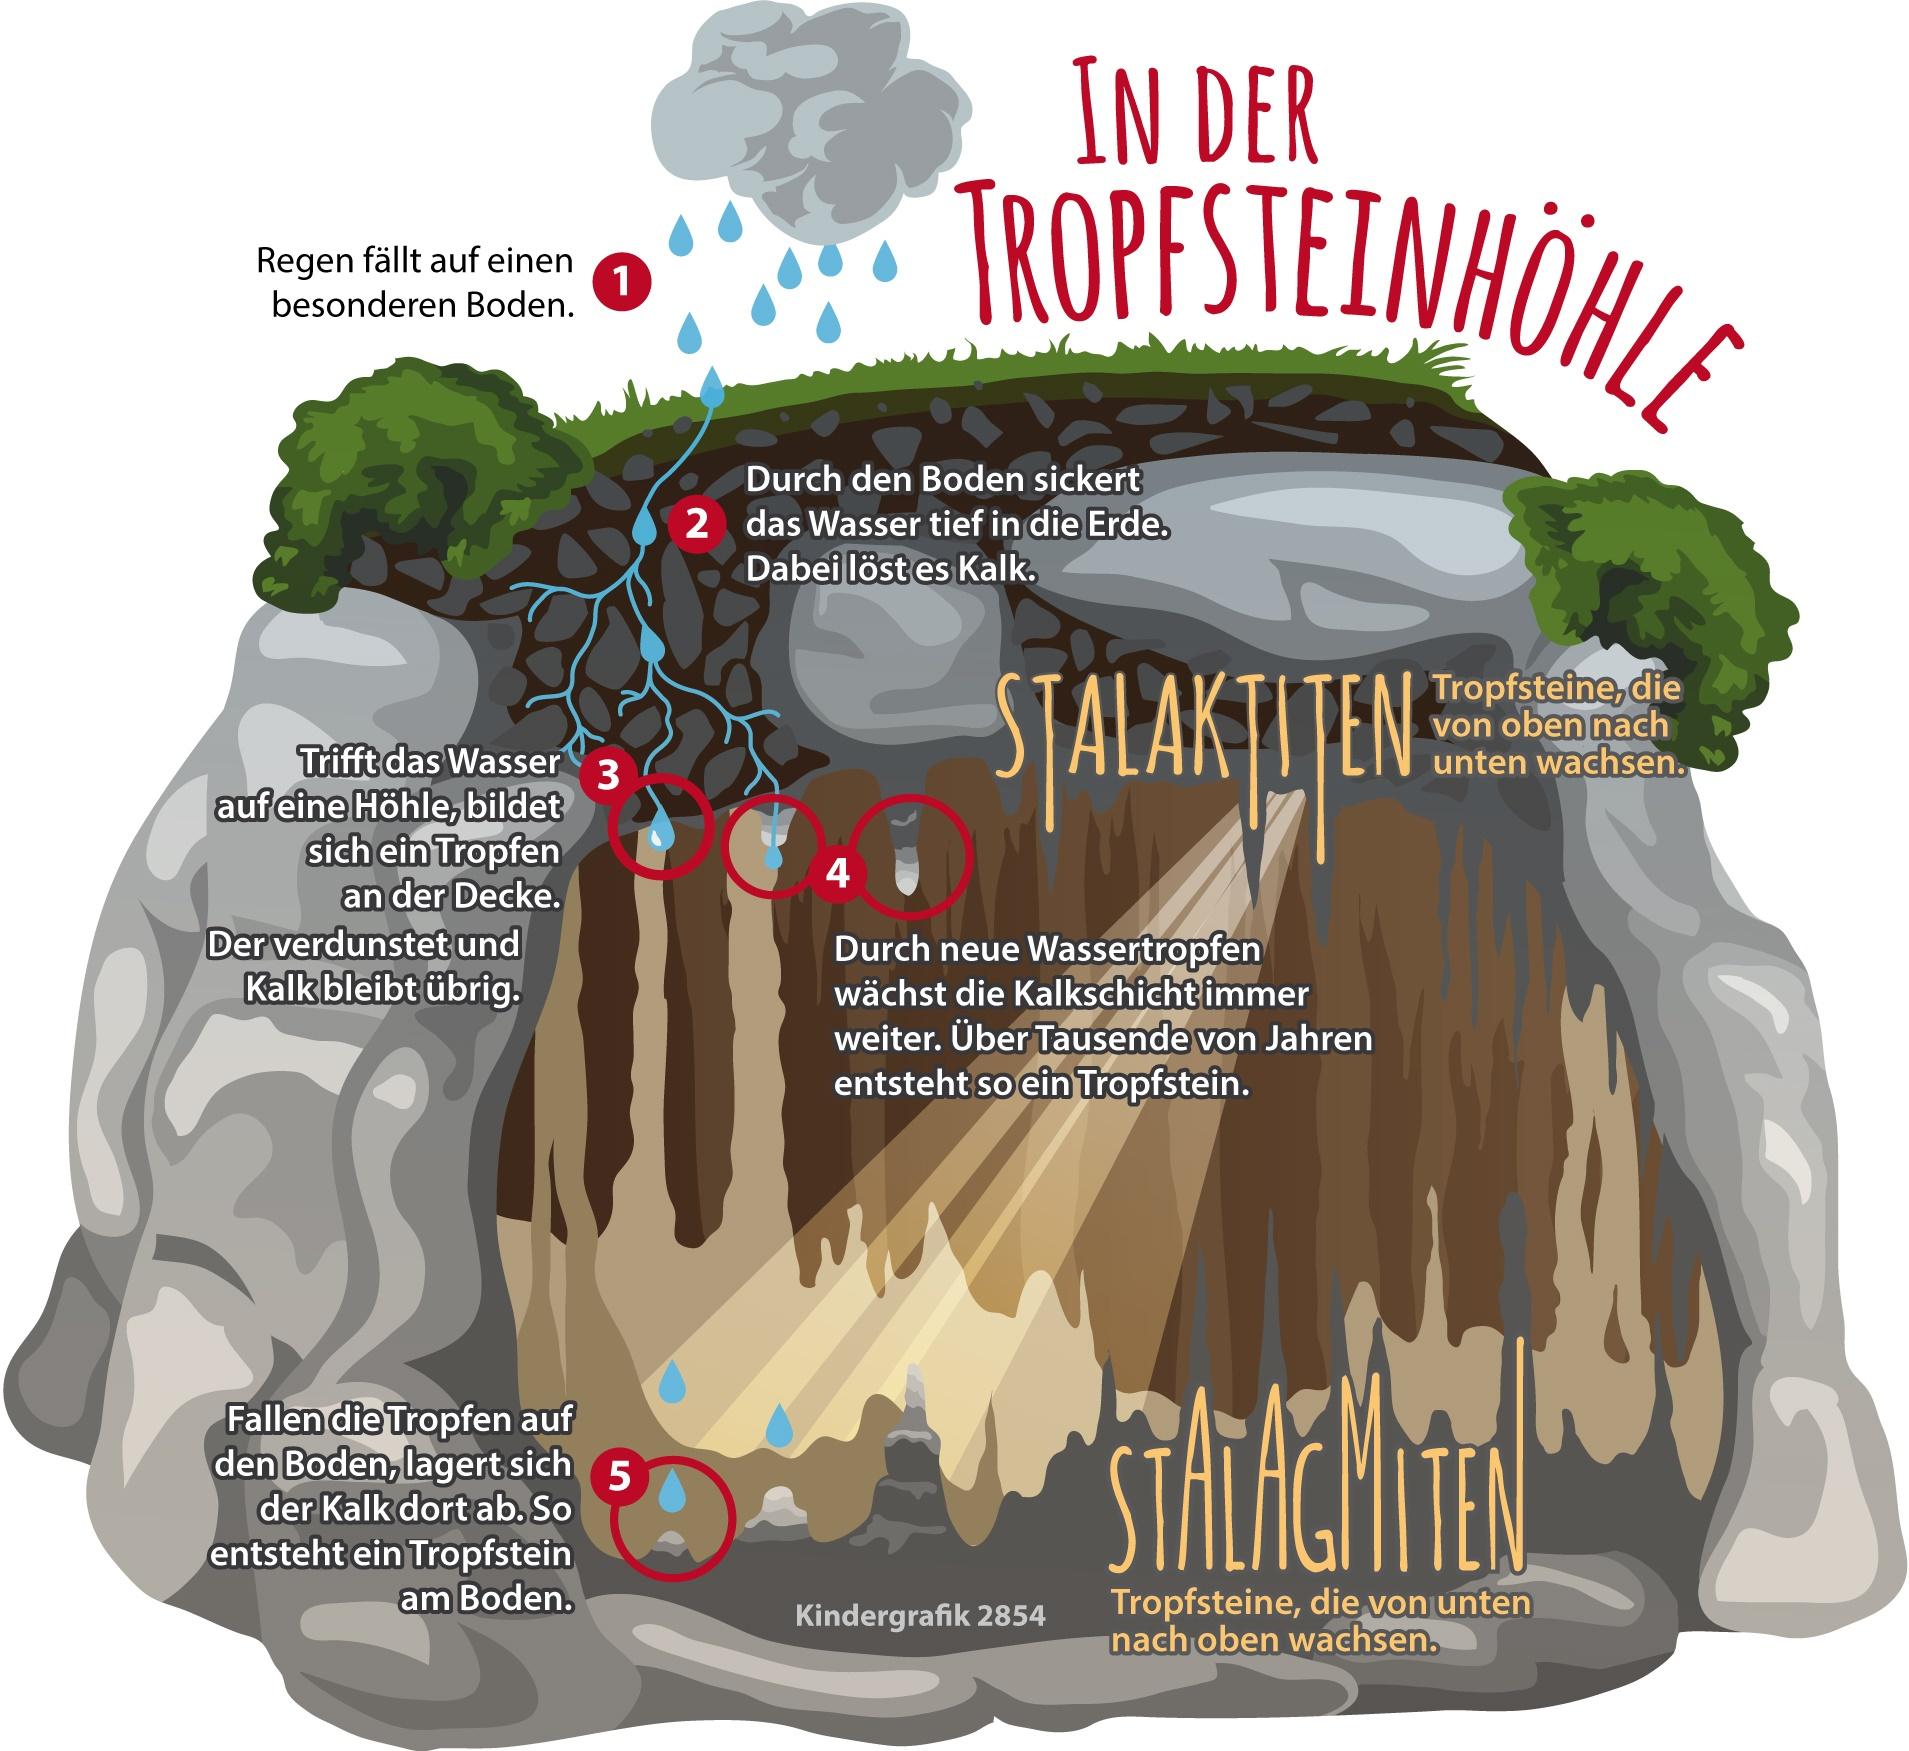 Wie Entstehen Tropfsteinhöhlen